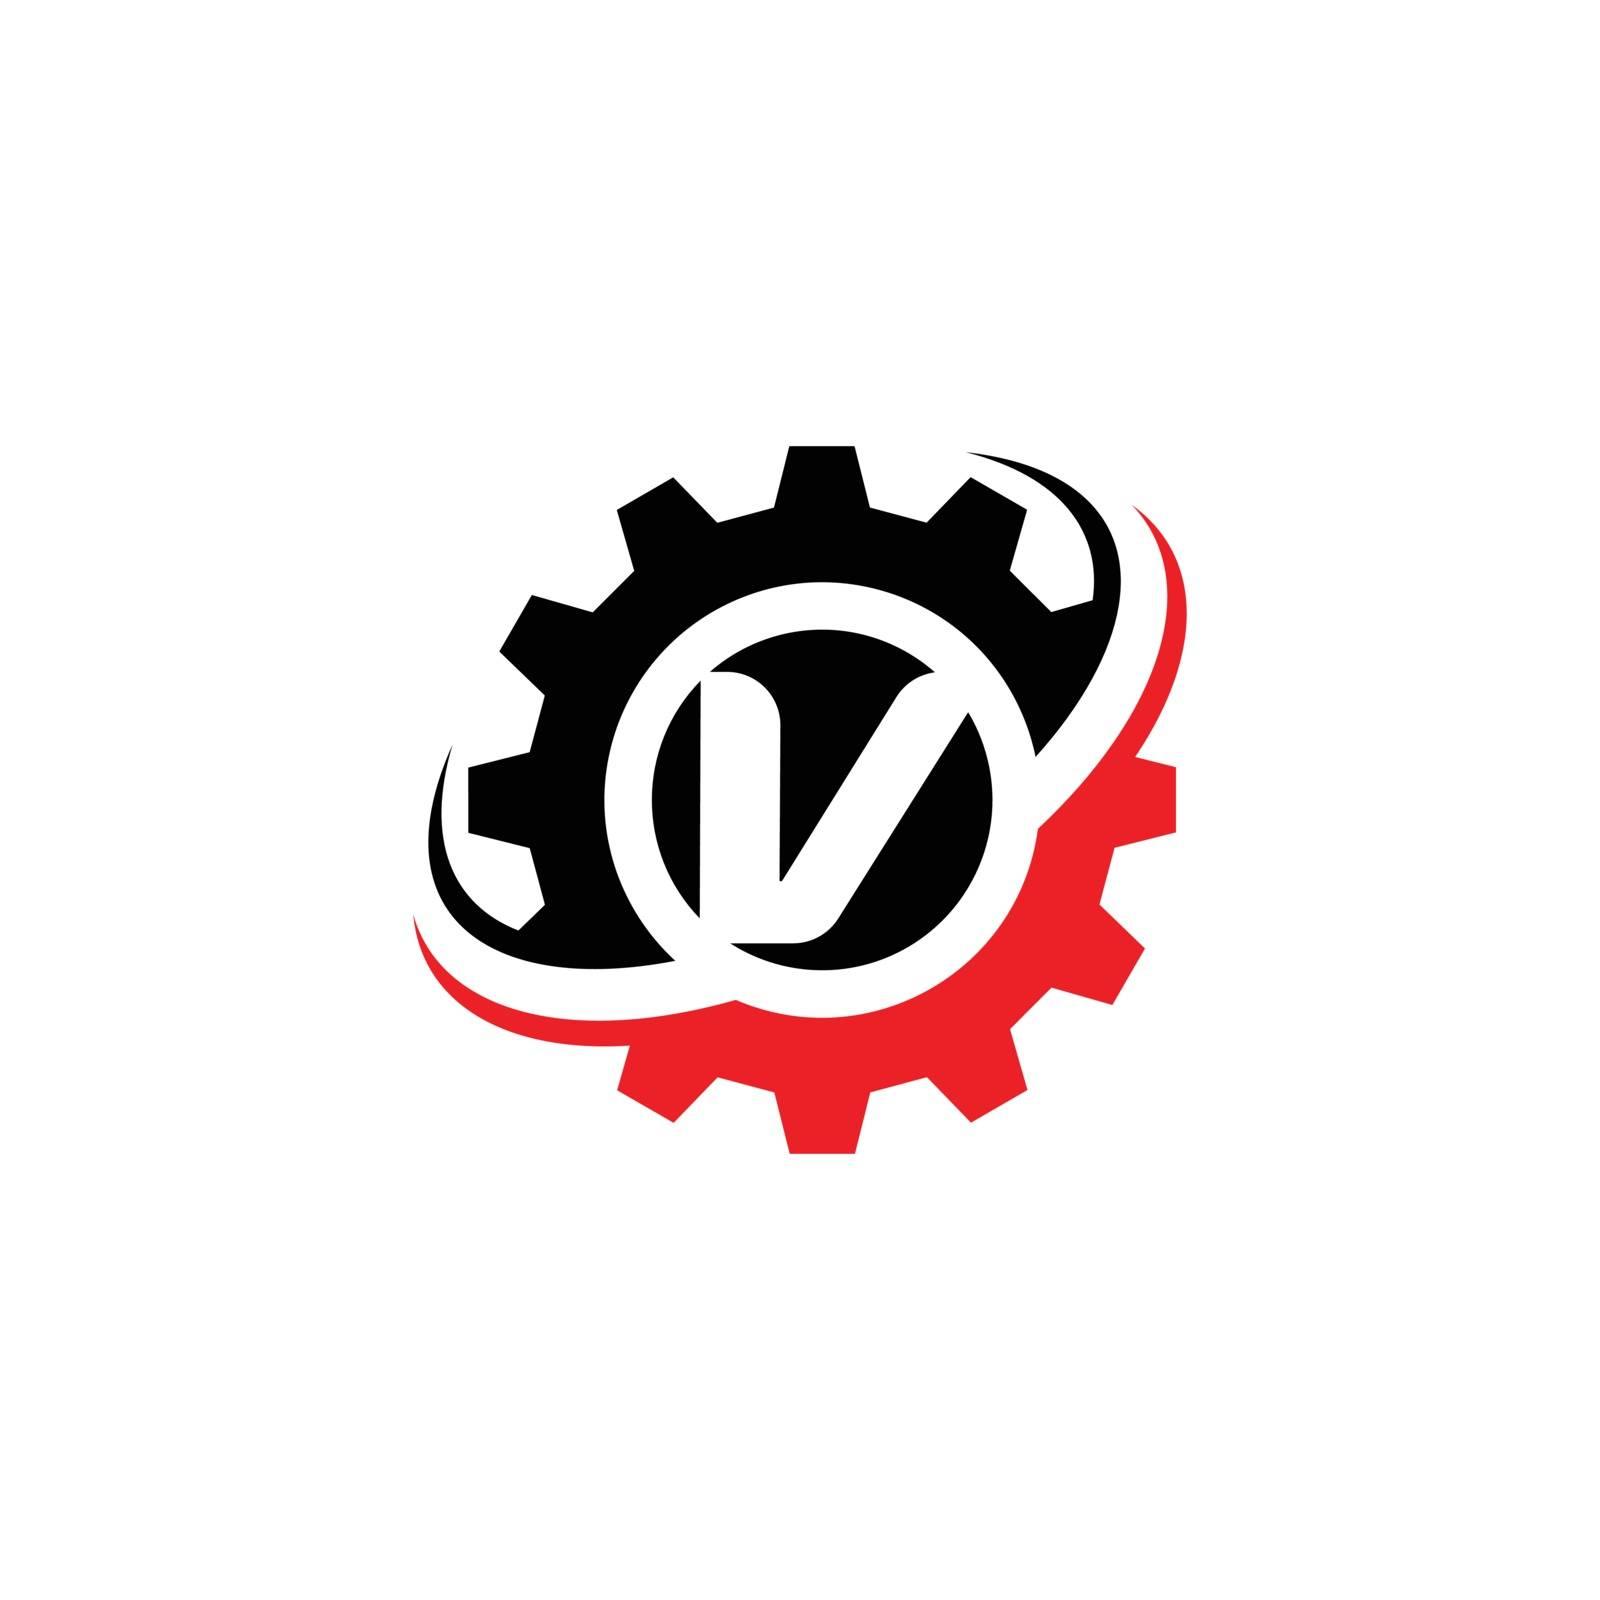 Letter V Gear Logo Design Template